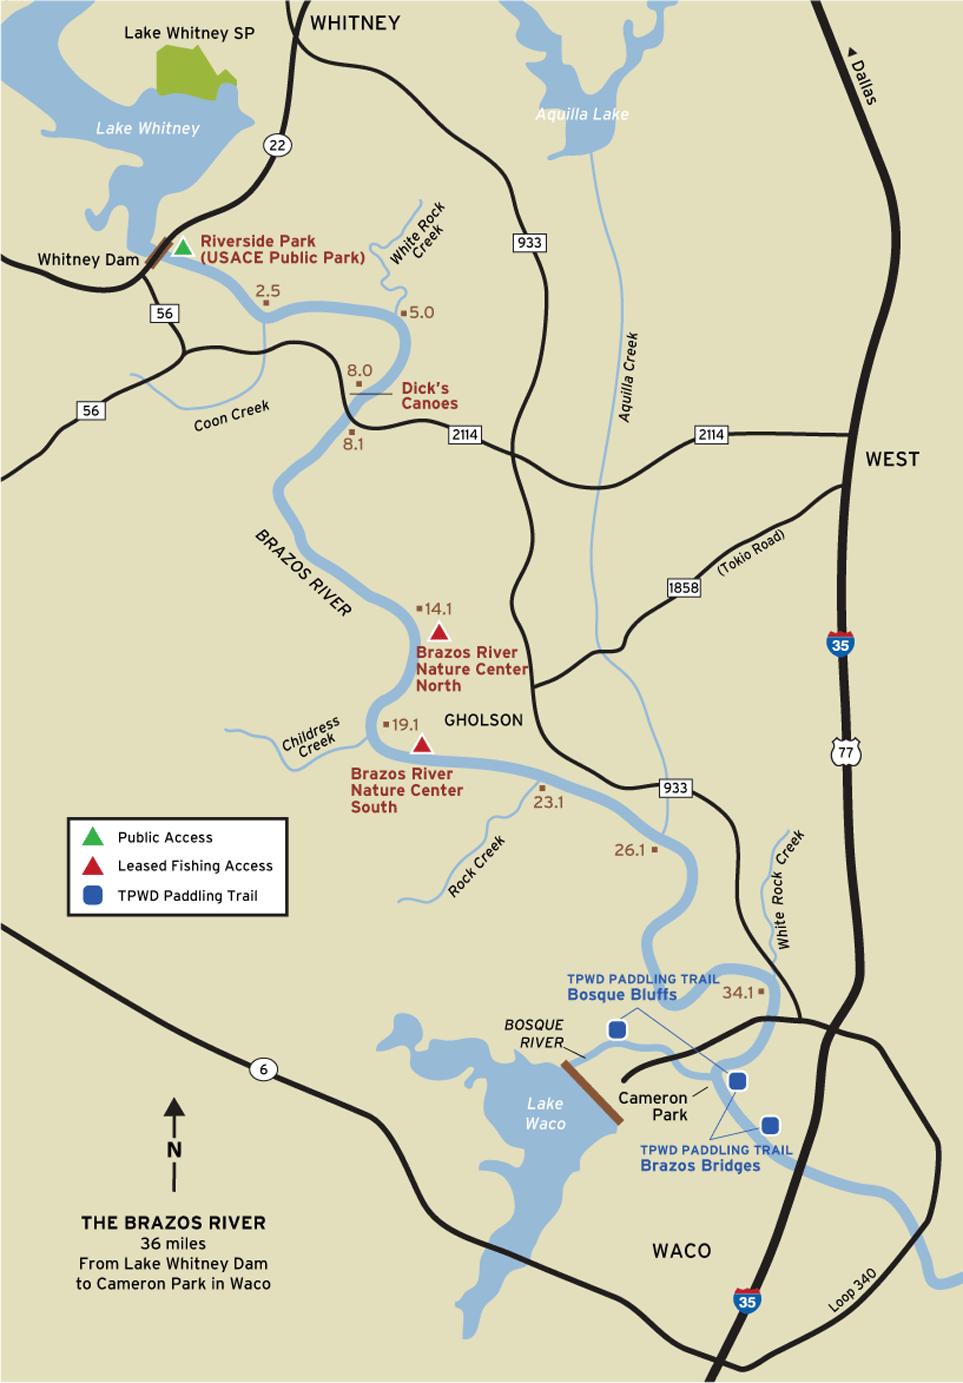 brazos_river_access